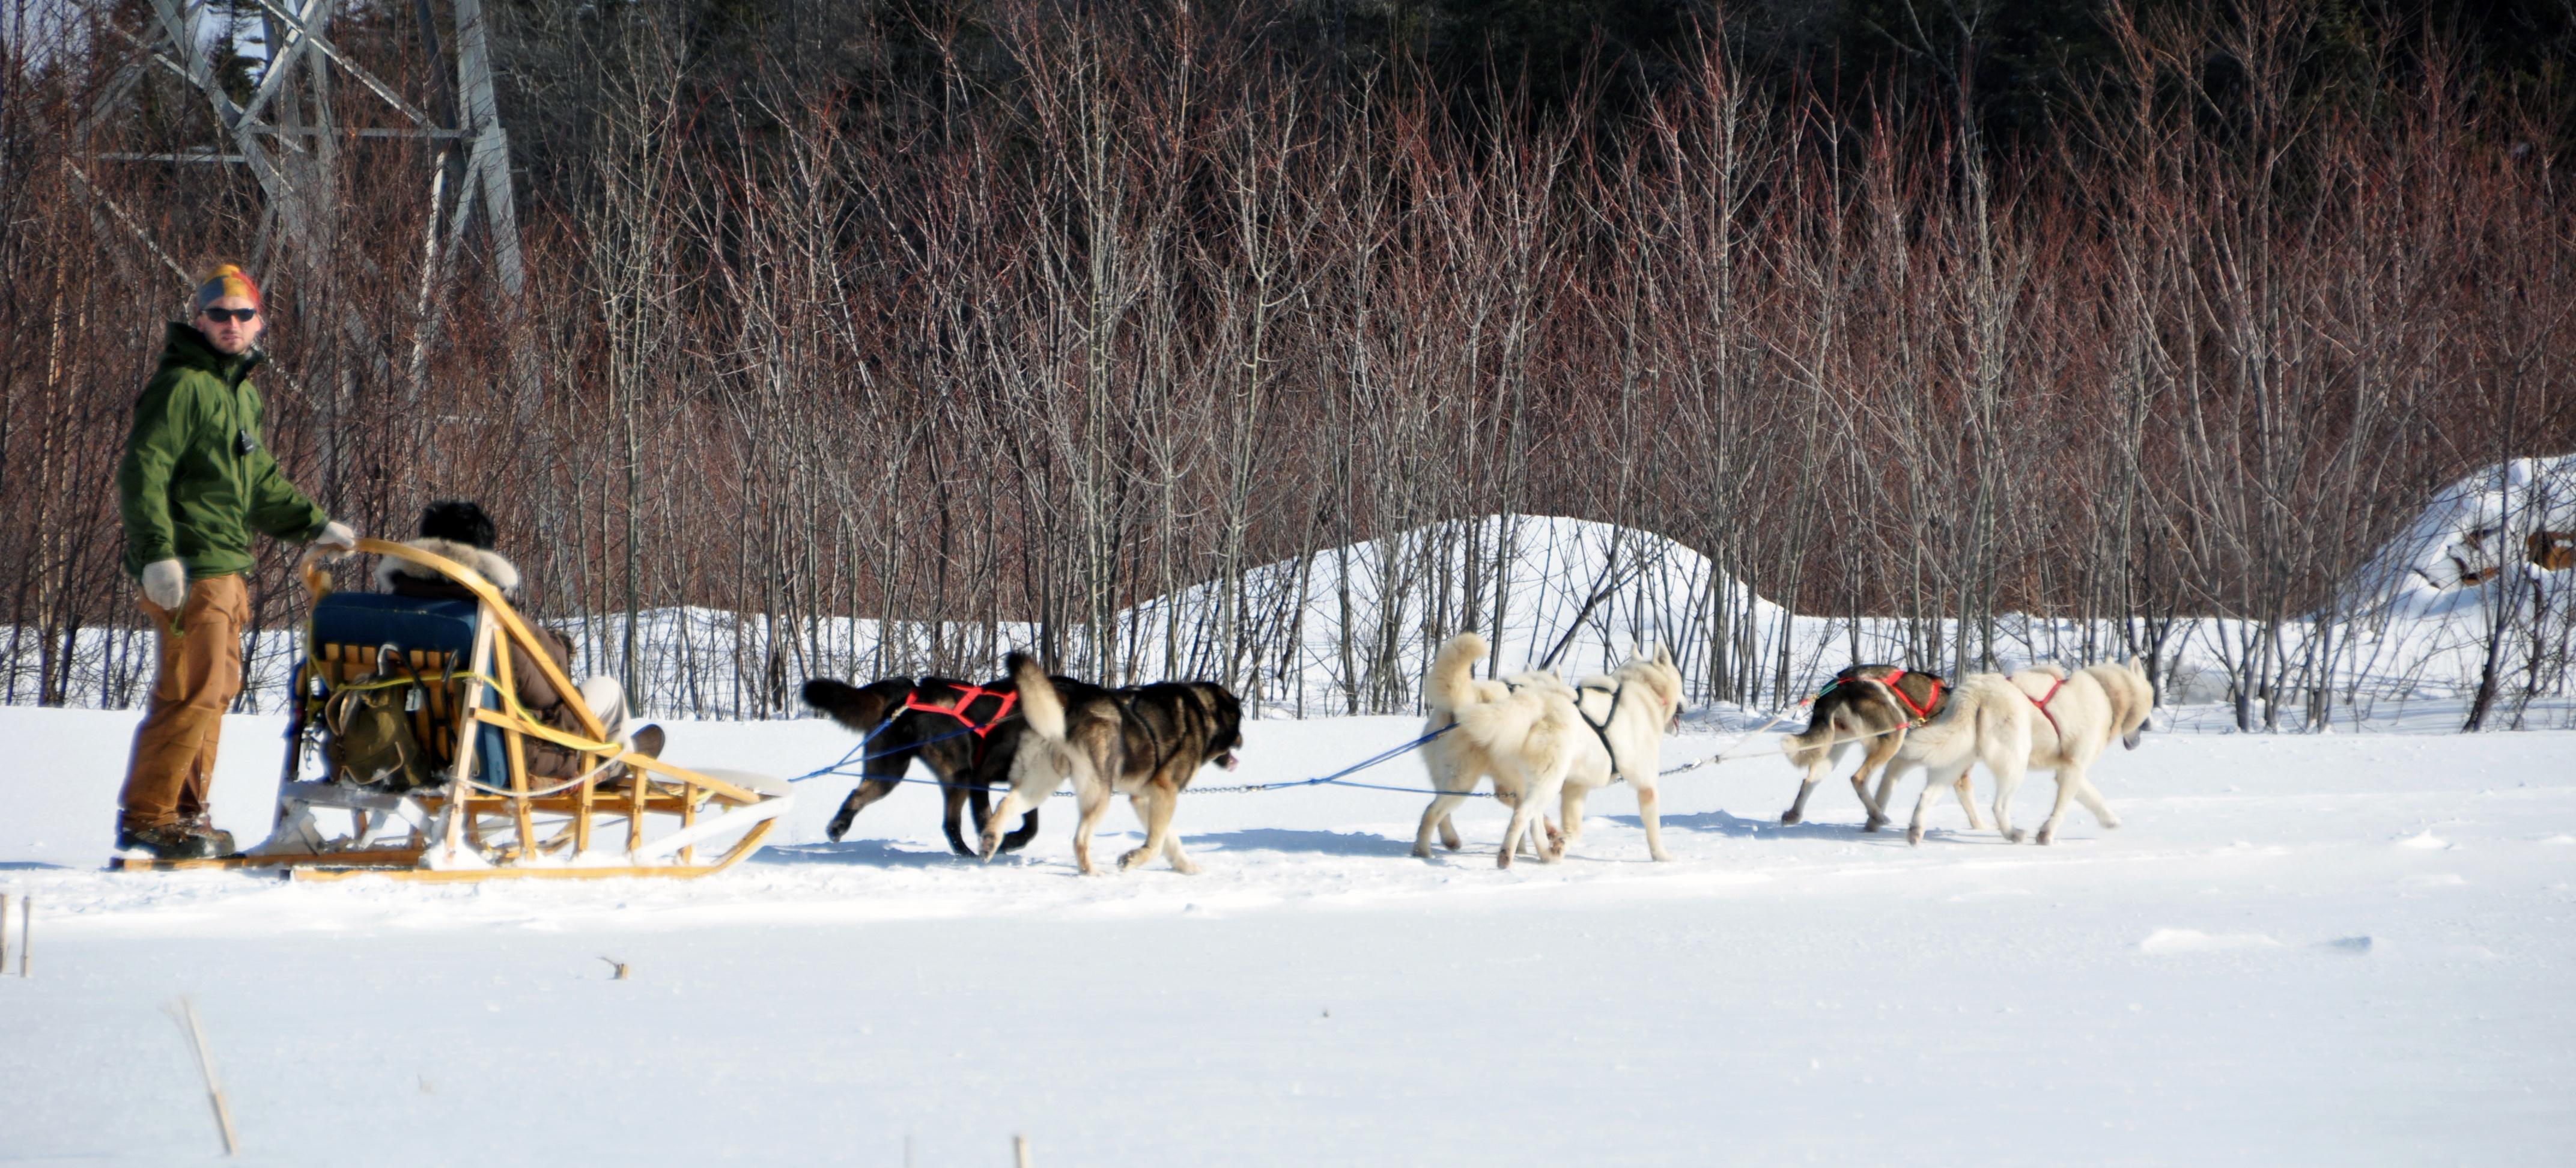 Expédition en traîneau à chiens au Québec